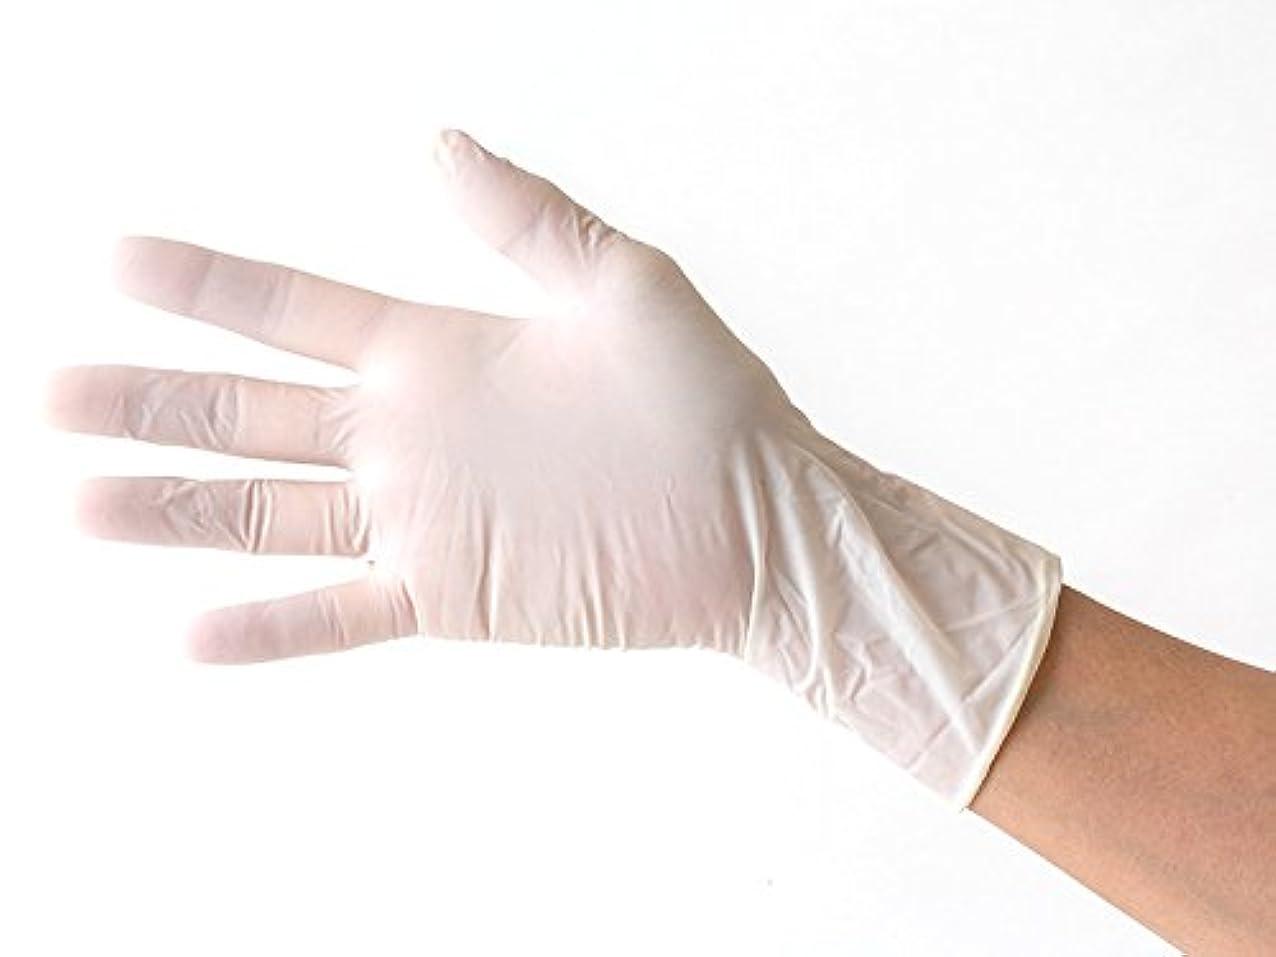 経験認証勤勉ラテックス 使い捨て天然ゴム 極薄手袋 パウダータイプ 100枚入り Mサイズ